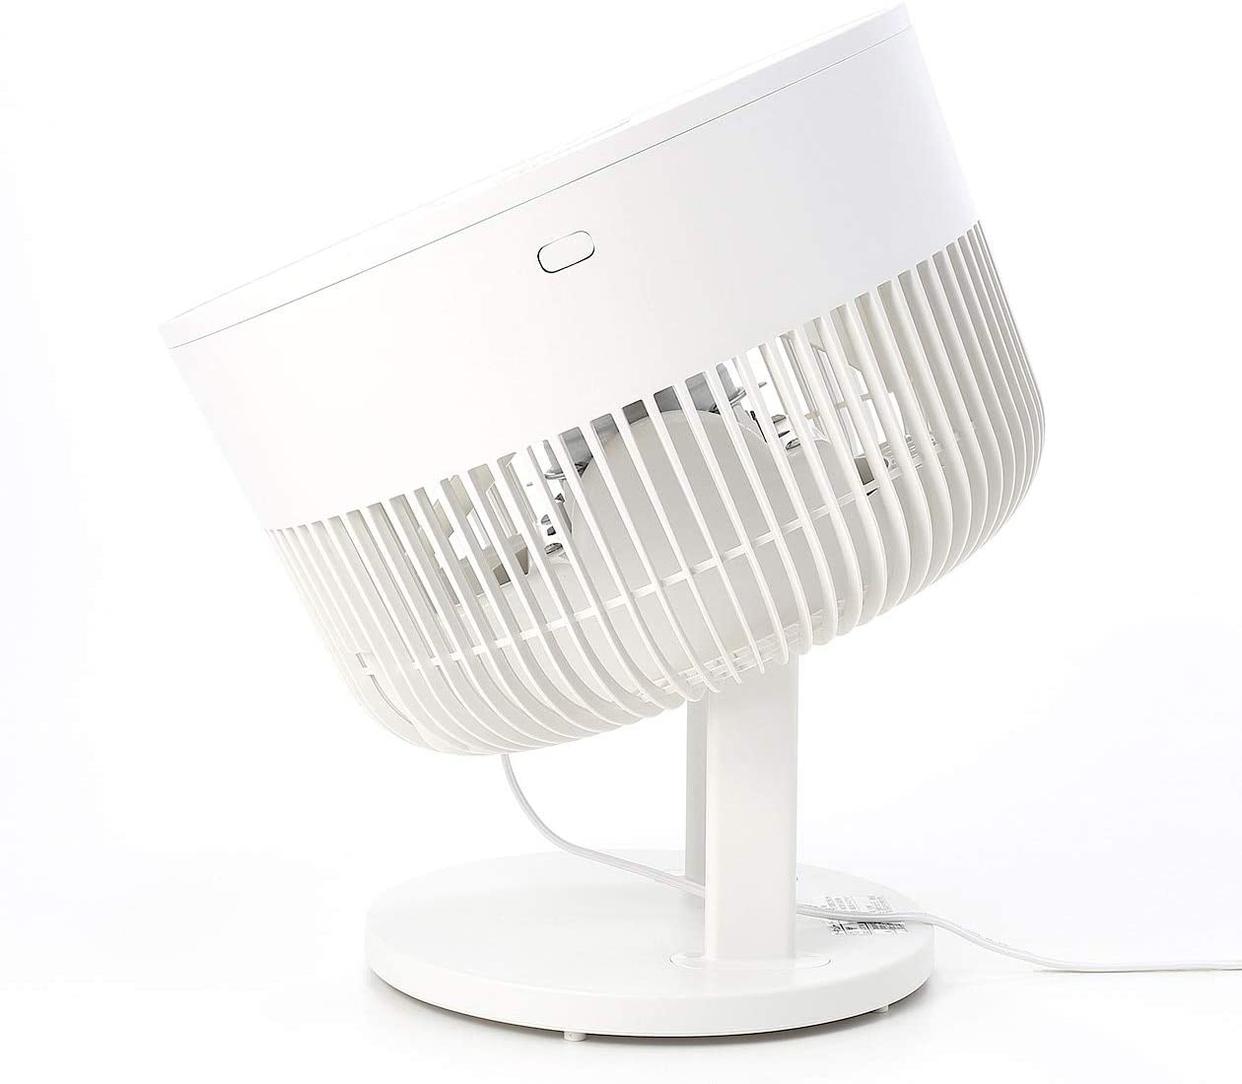 無印良品(MUJI) サーキュレーター(低騒音ファン・大風量タイプ) AT-CF26R-Wの商品画像11